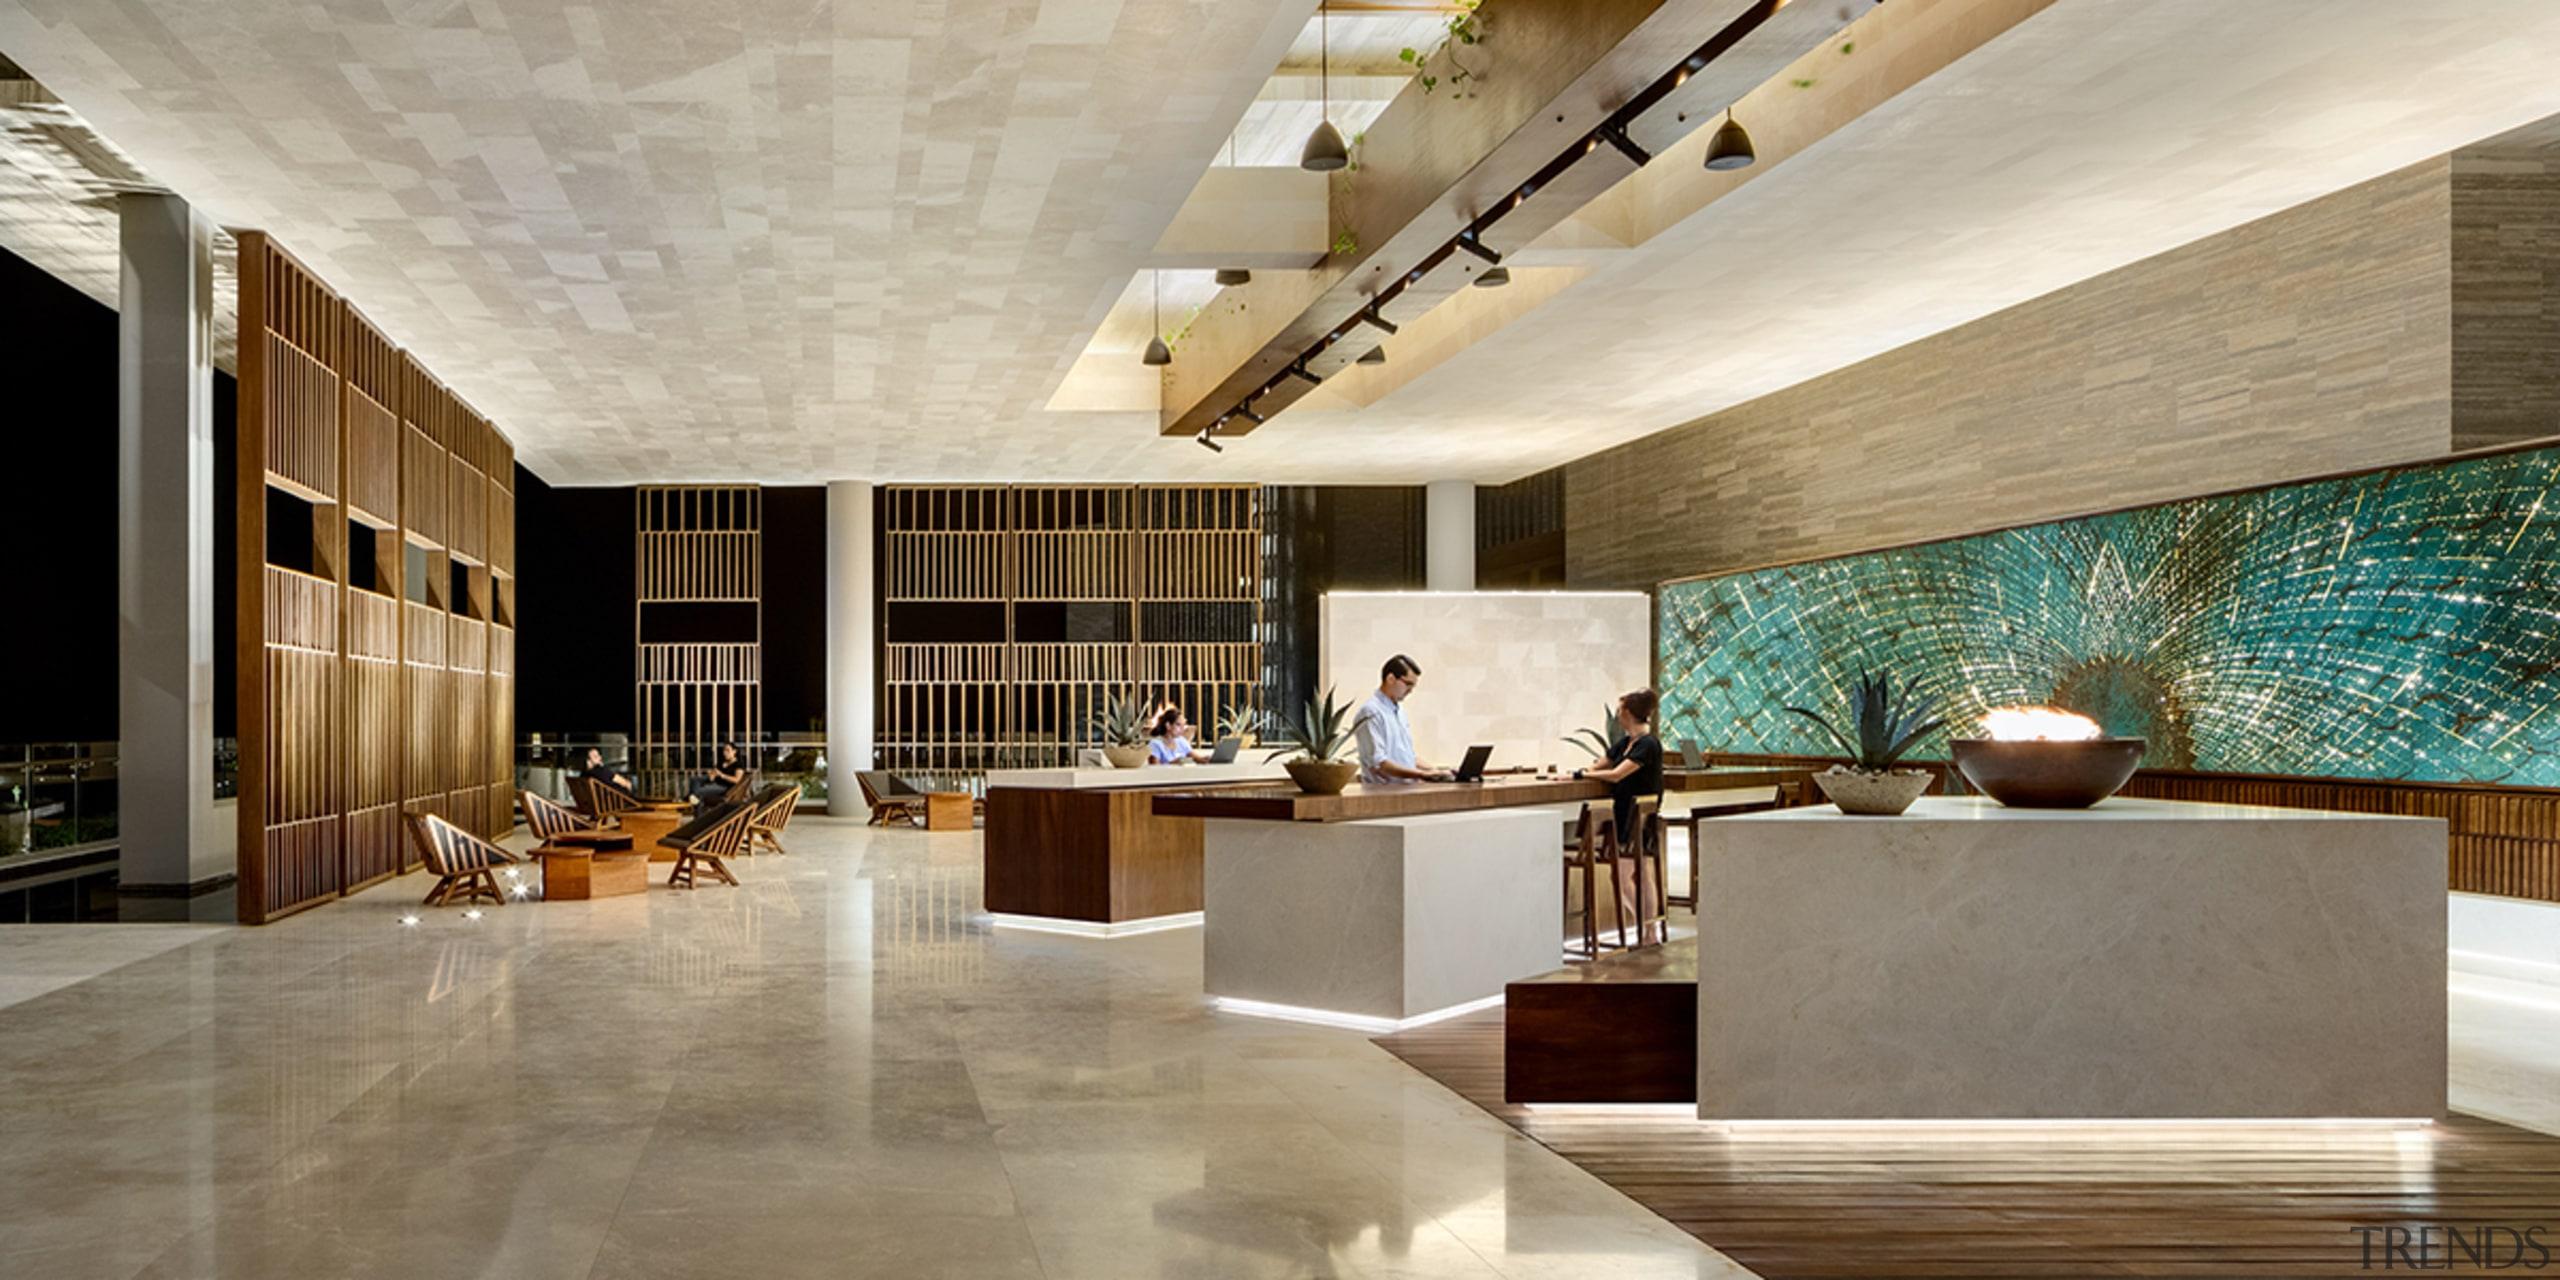 Reception at San José del Cabo Hotel, Baja gray, brown